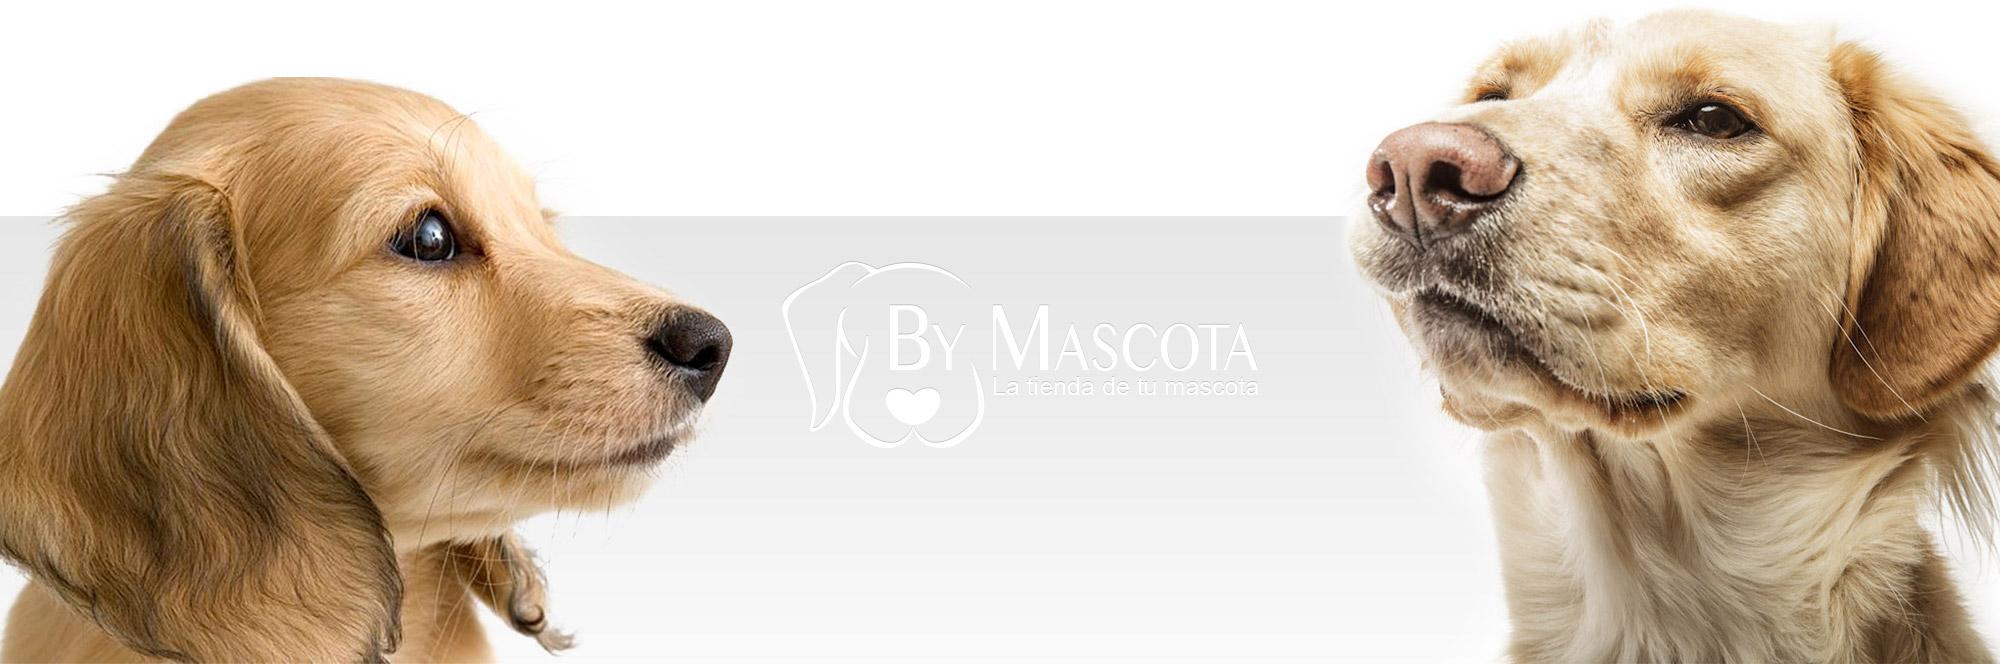 ByMascota- La franquicia de animales domesticos